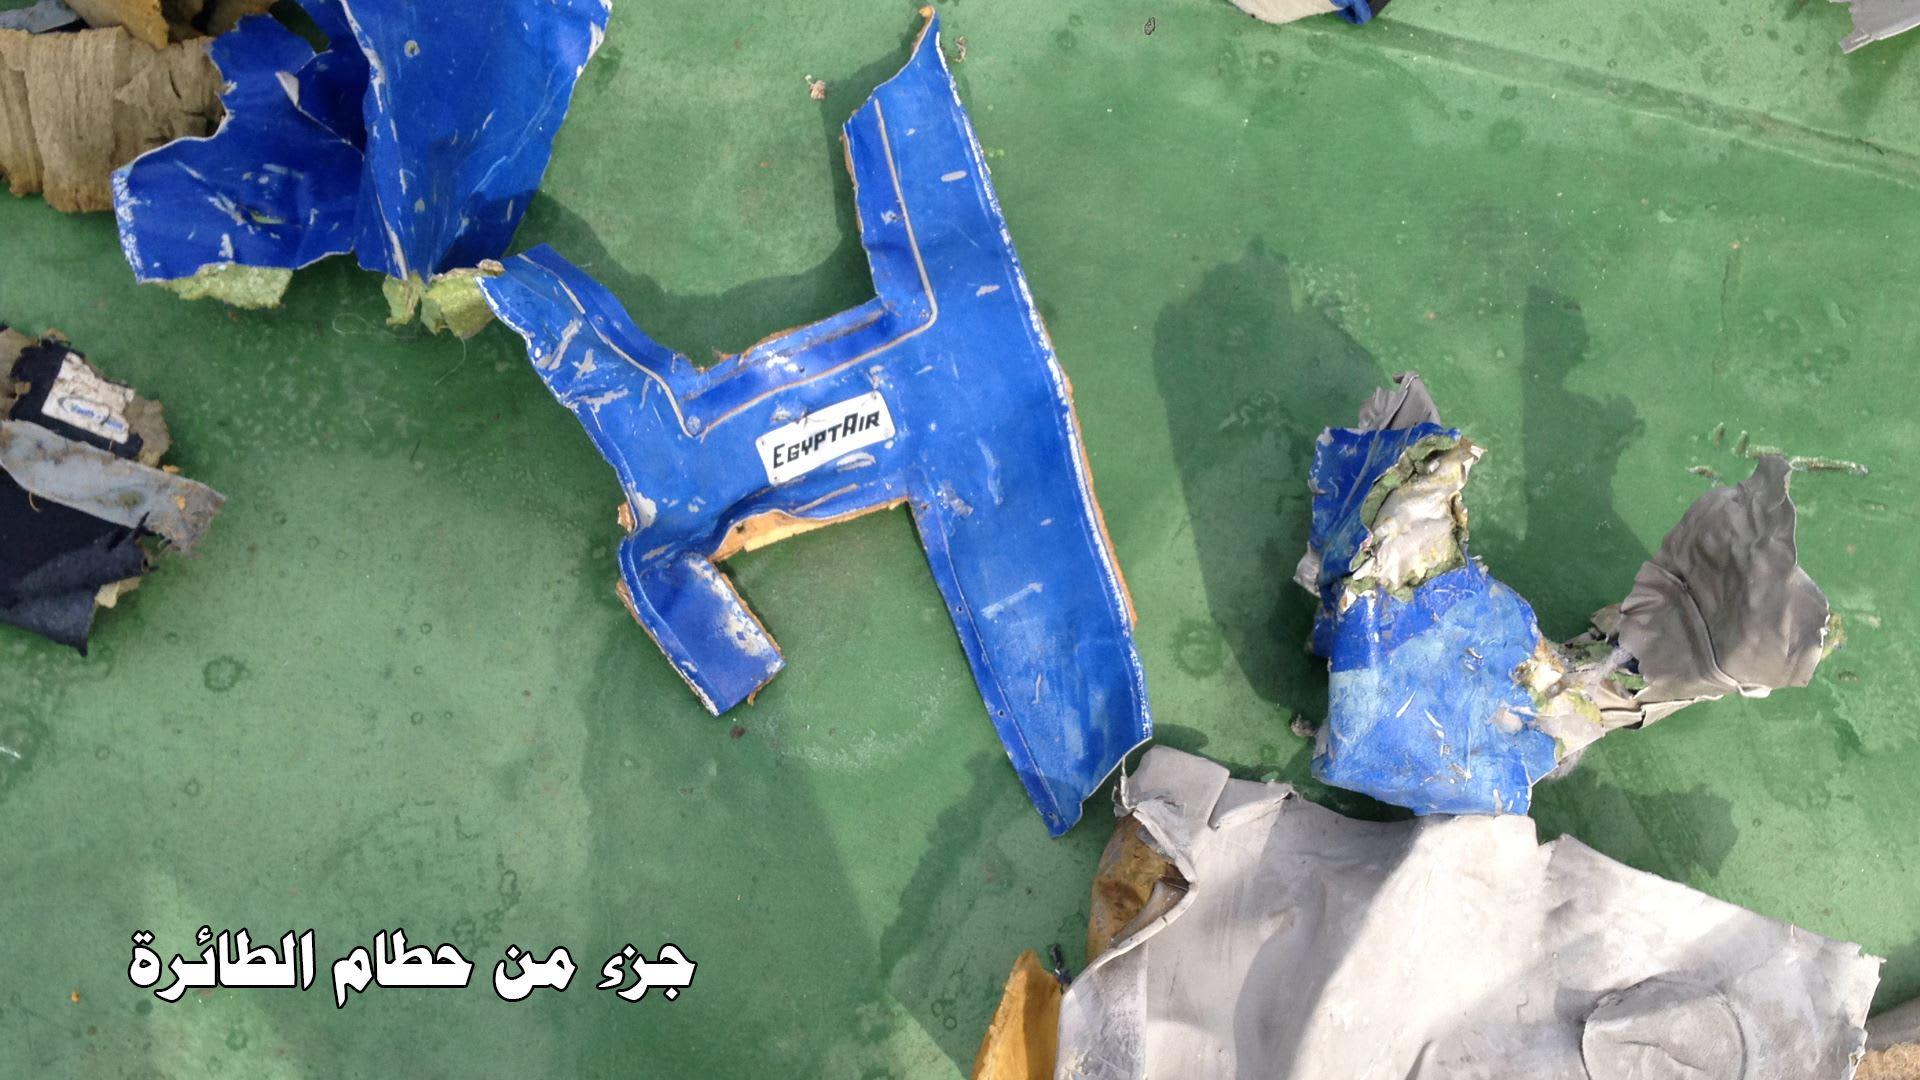 سفينة تابعة للبحرية الفرنسية تلتقط إشارة تحت الماء يُحتمل أن مصدرها مسجل بيانات رحلة مصر للطيران 804